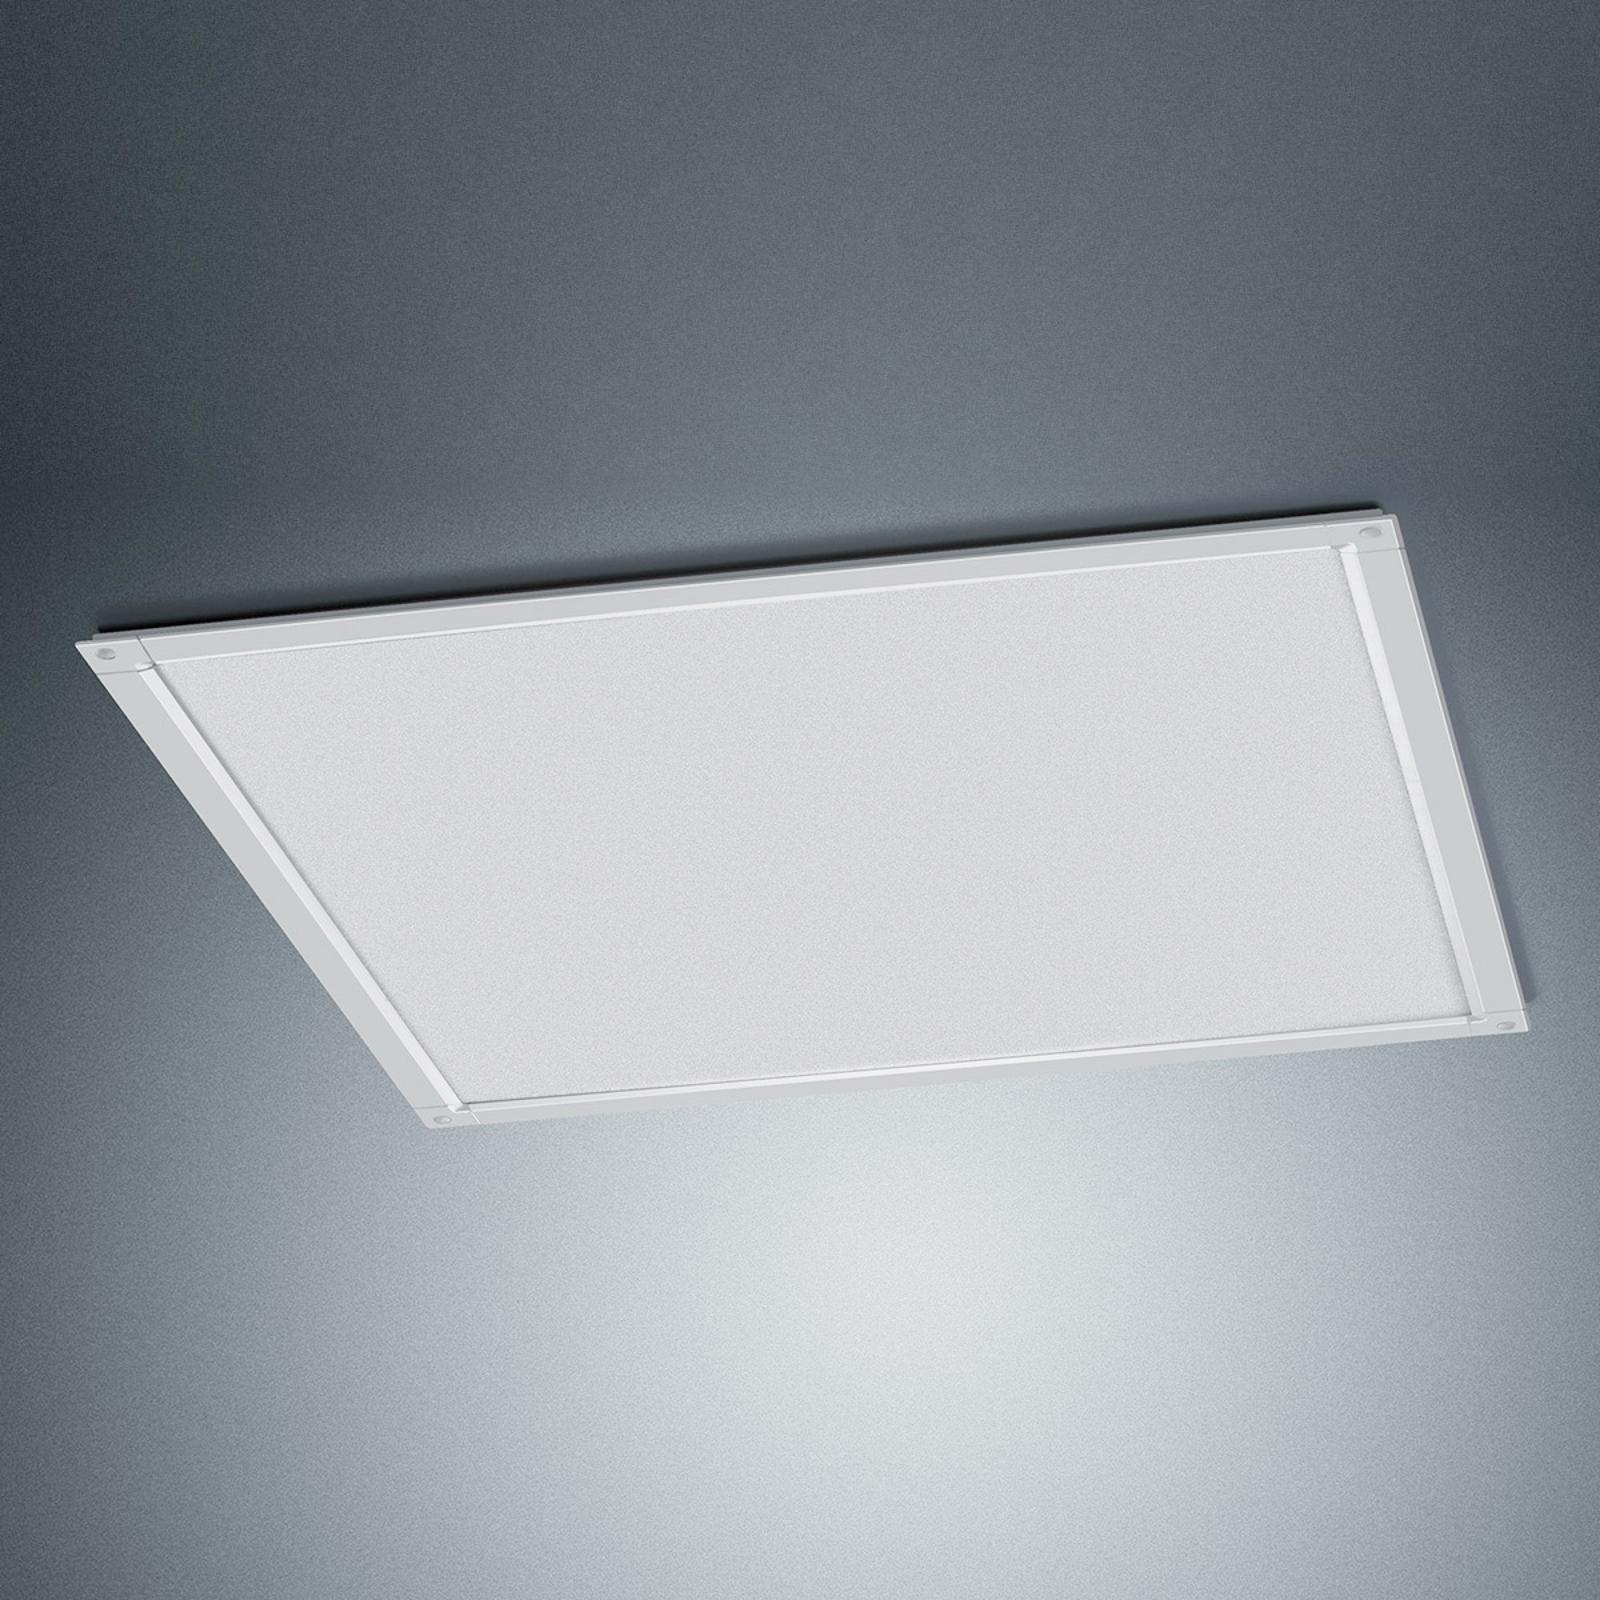 Universalweißes LED-Panel EC 620, 4250 Lumen